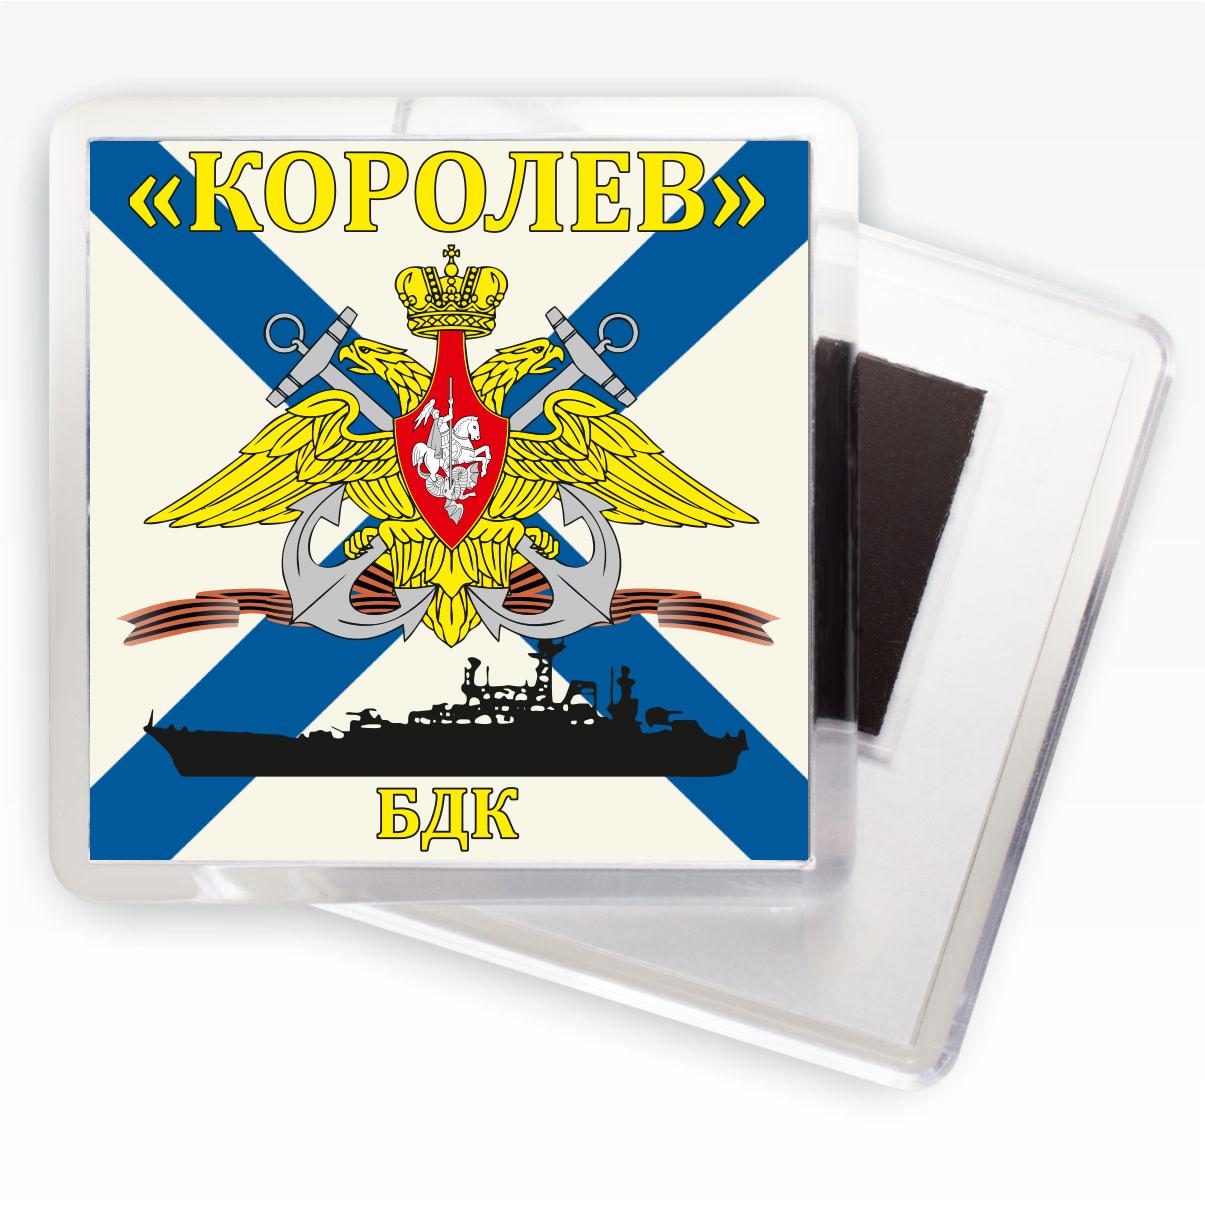 Магнитик Флаг БДК «Королев»